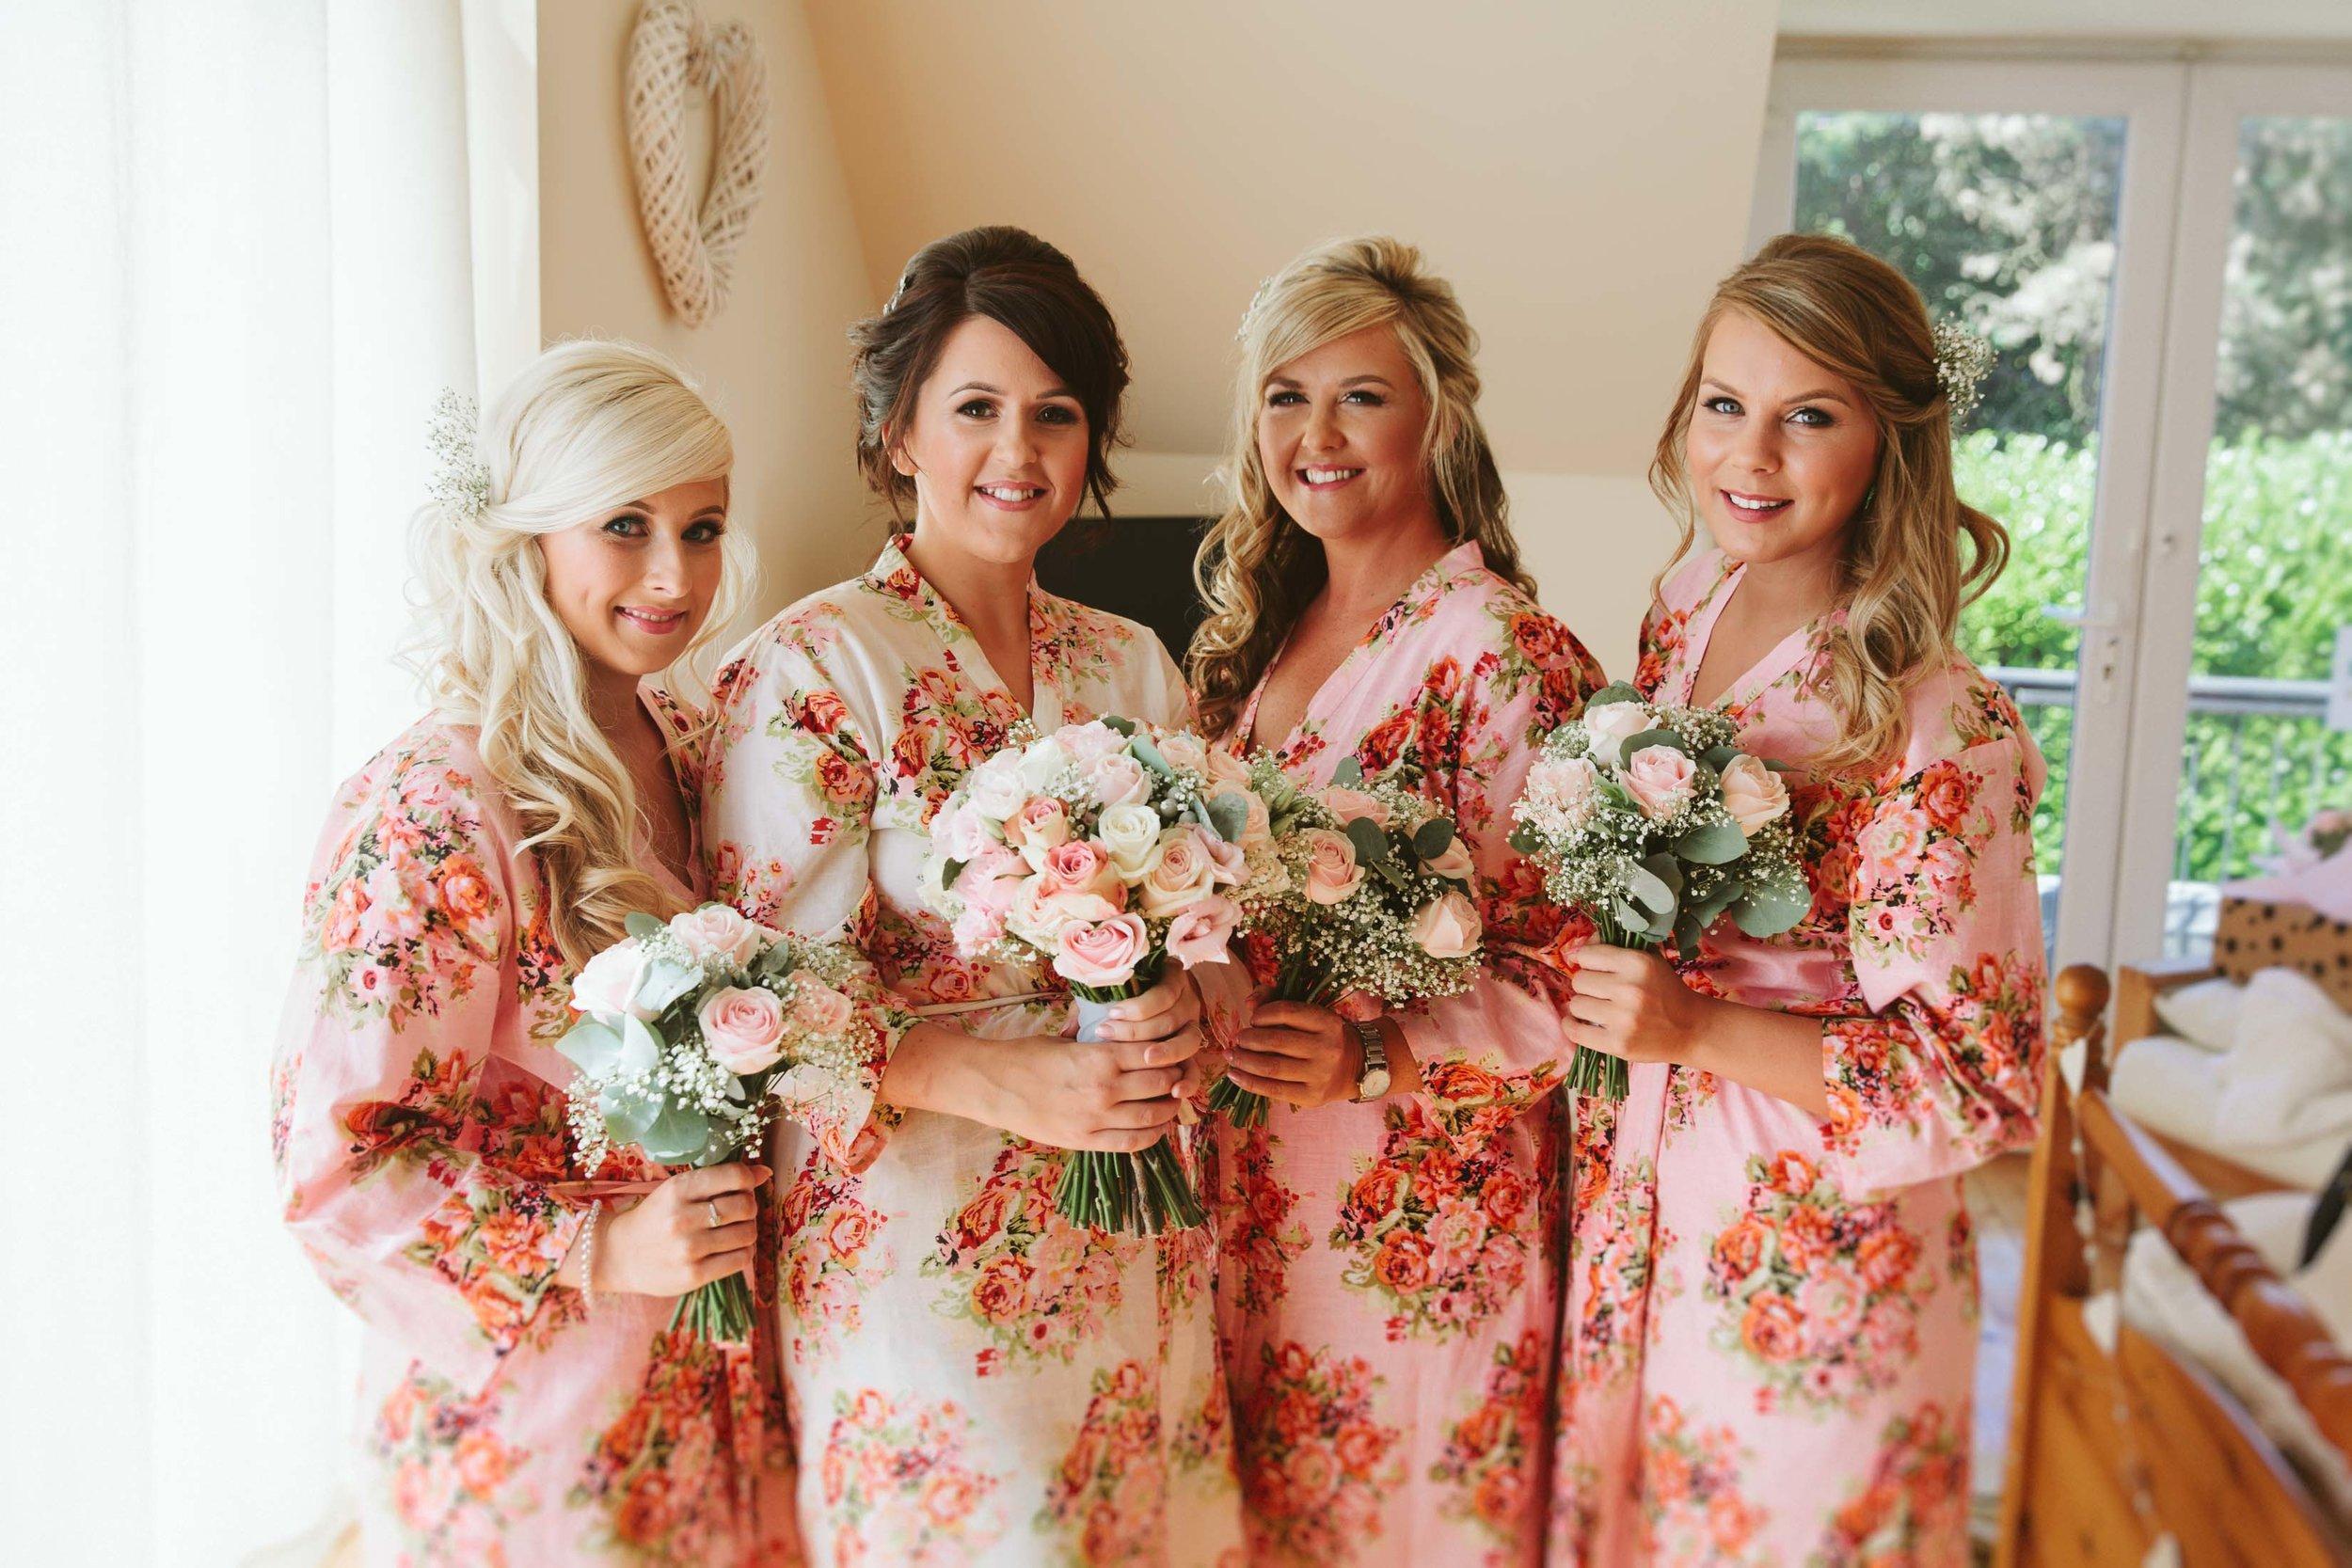 ashley_rob_wedding-120.jpg